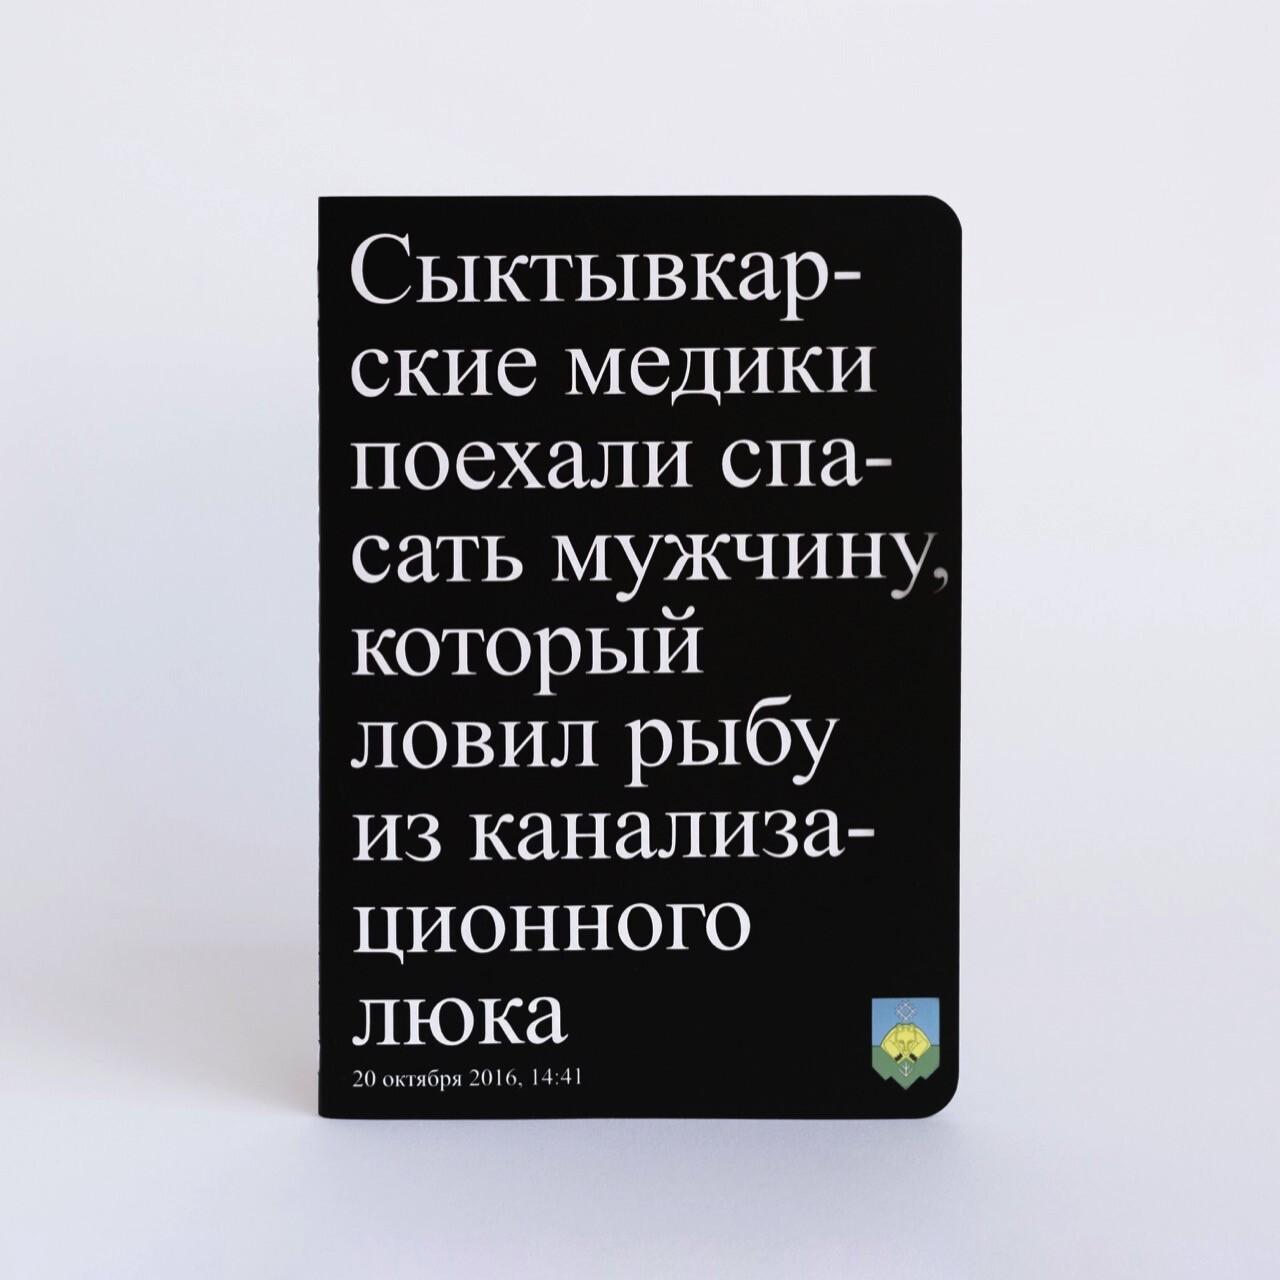 Сыктывкарские медики